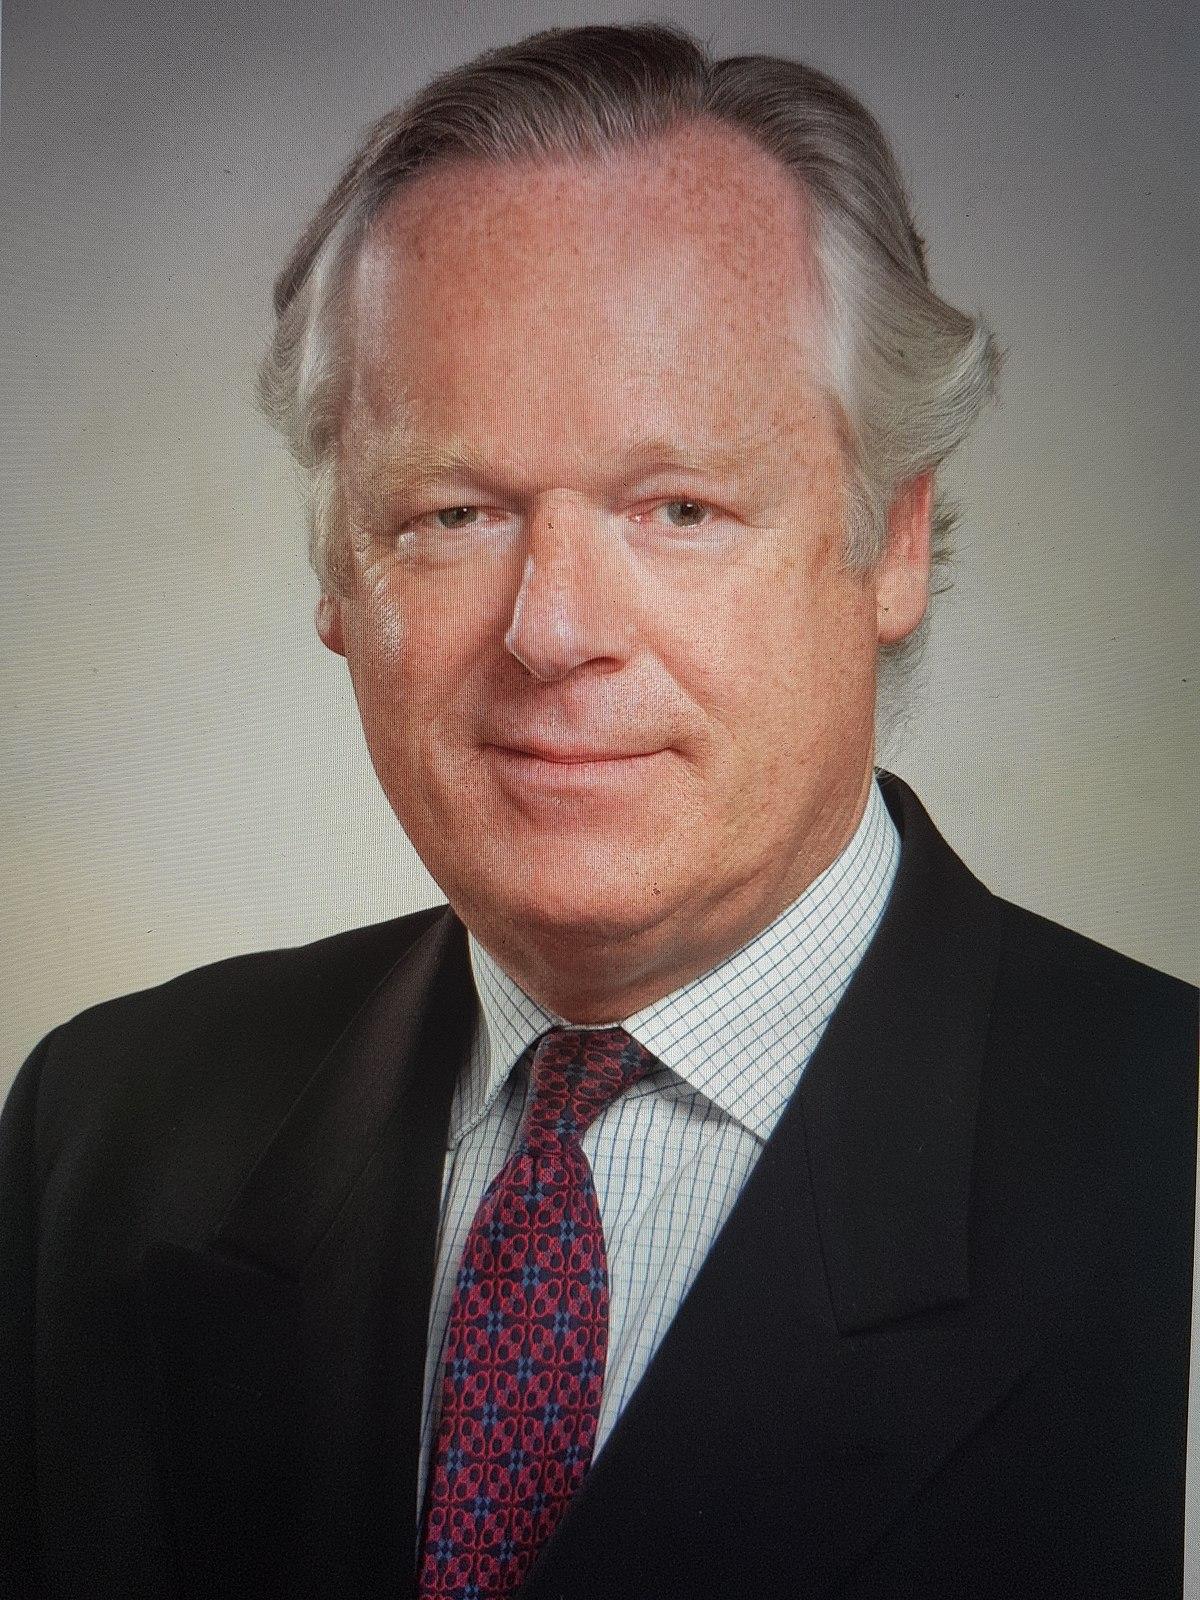 Thomas Hoyer